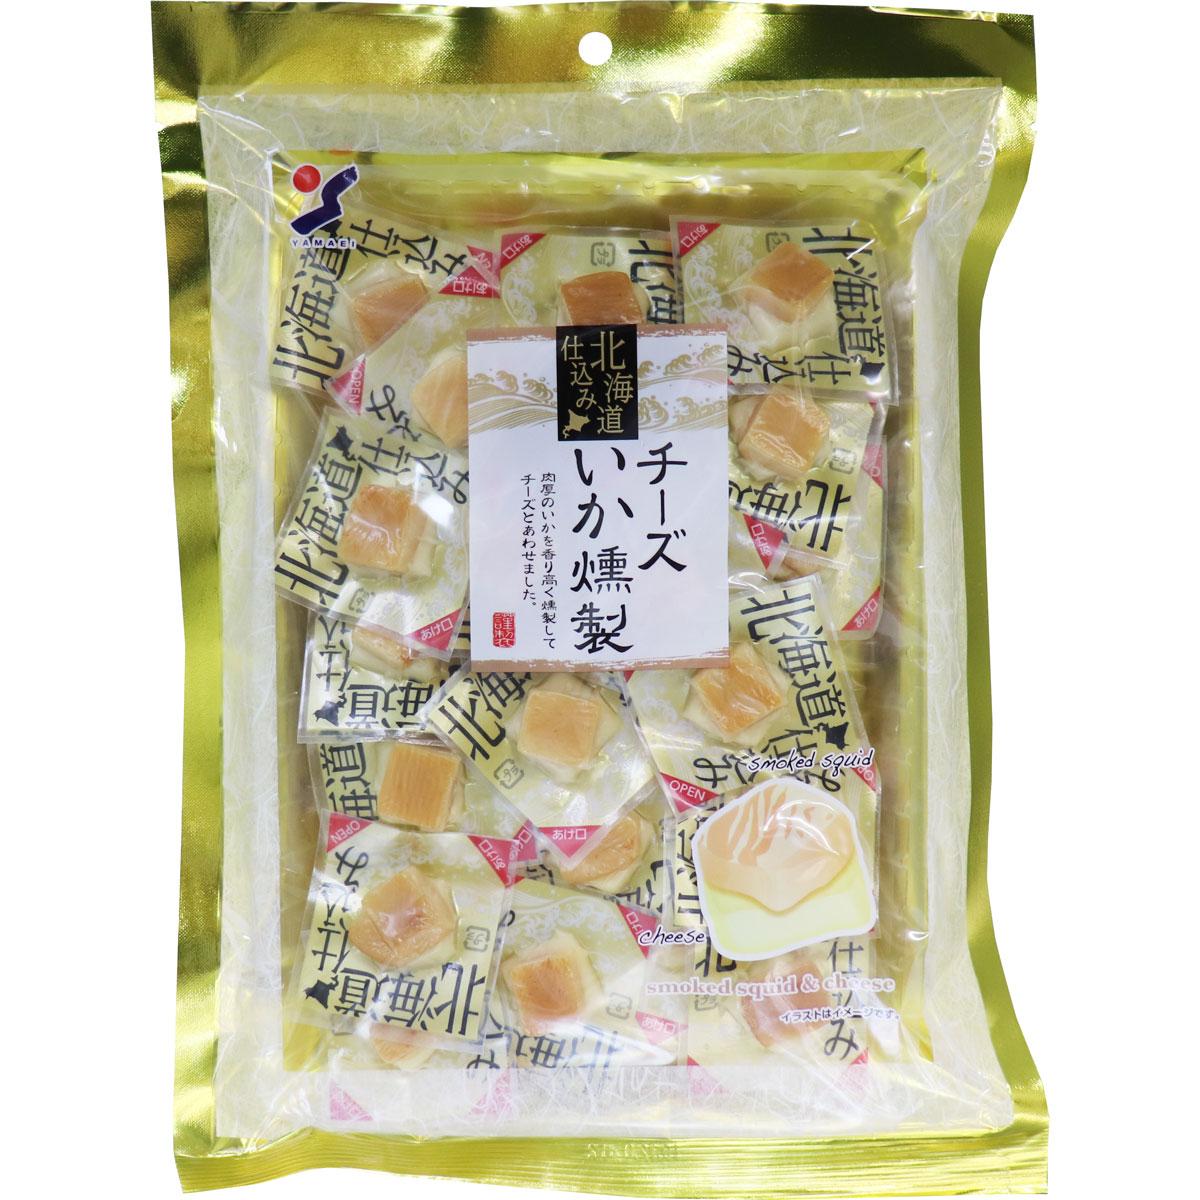 ※北海道仕込み チーズいか燻製 120g